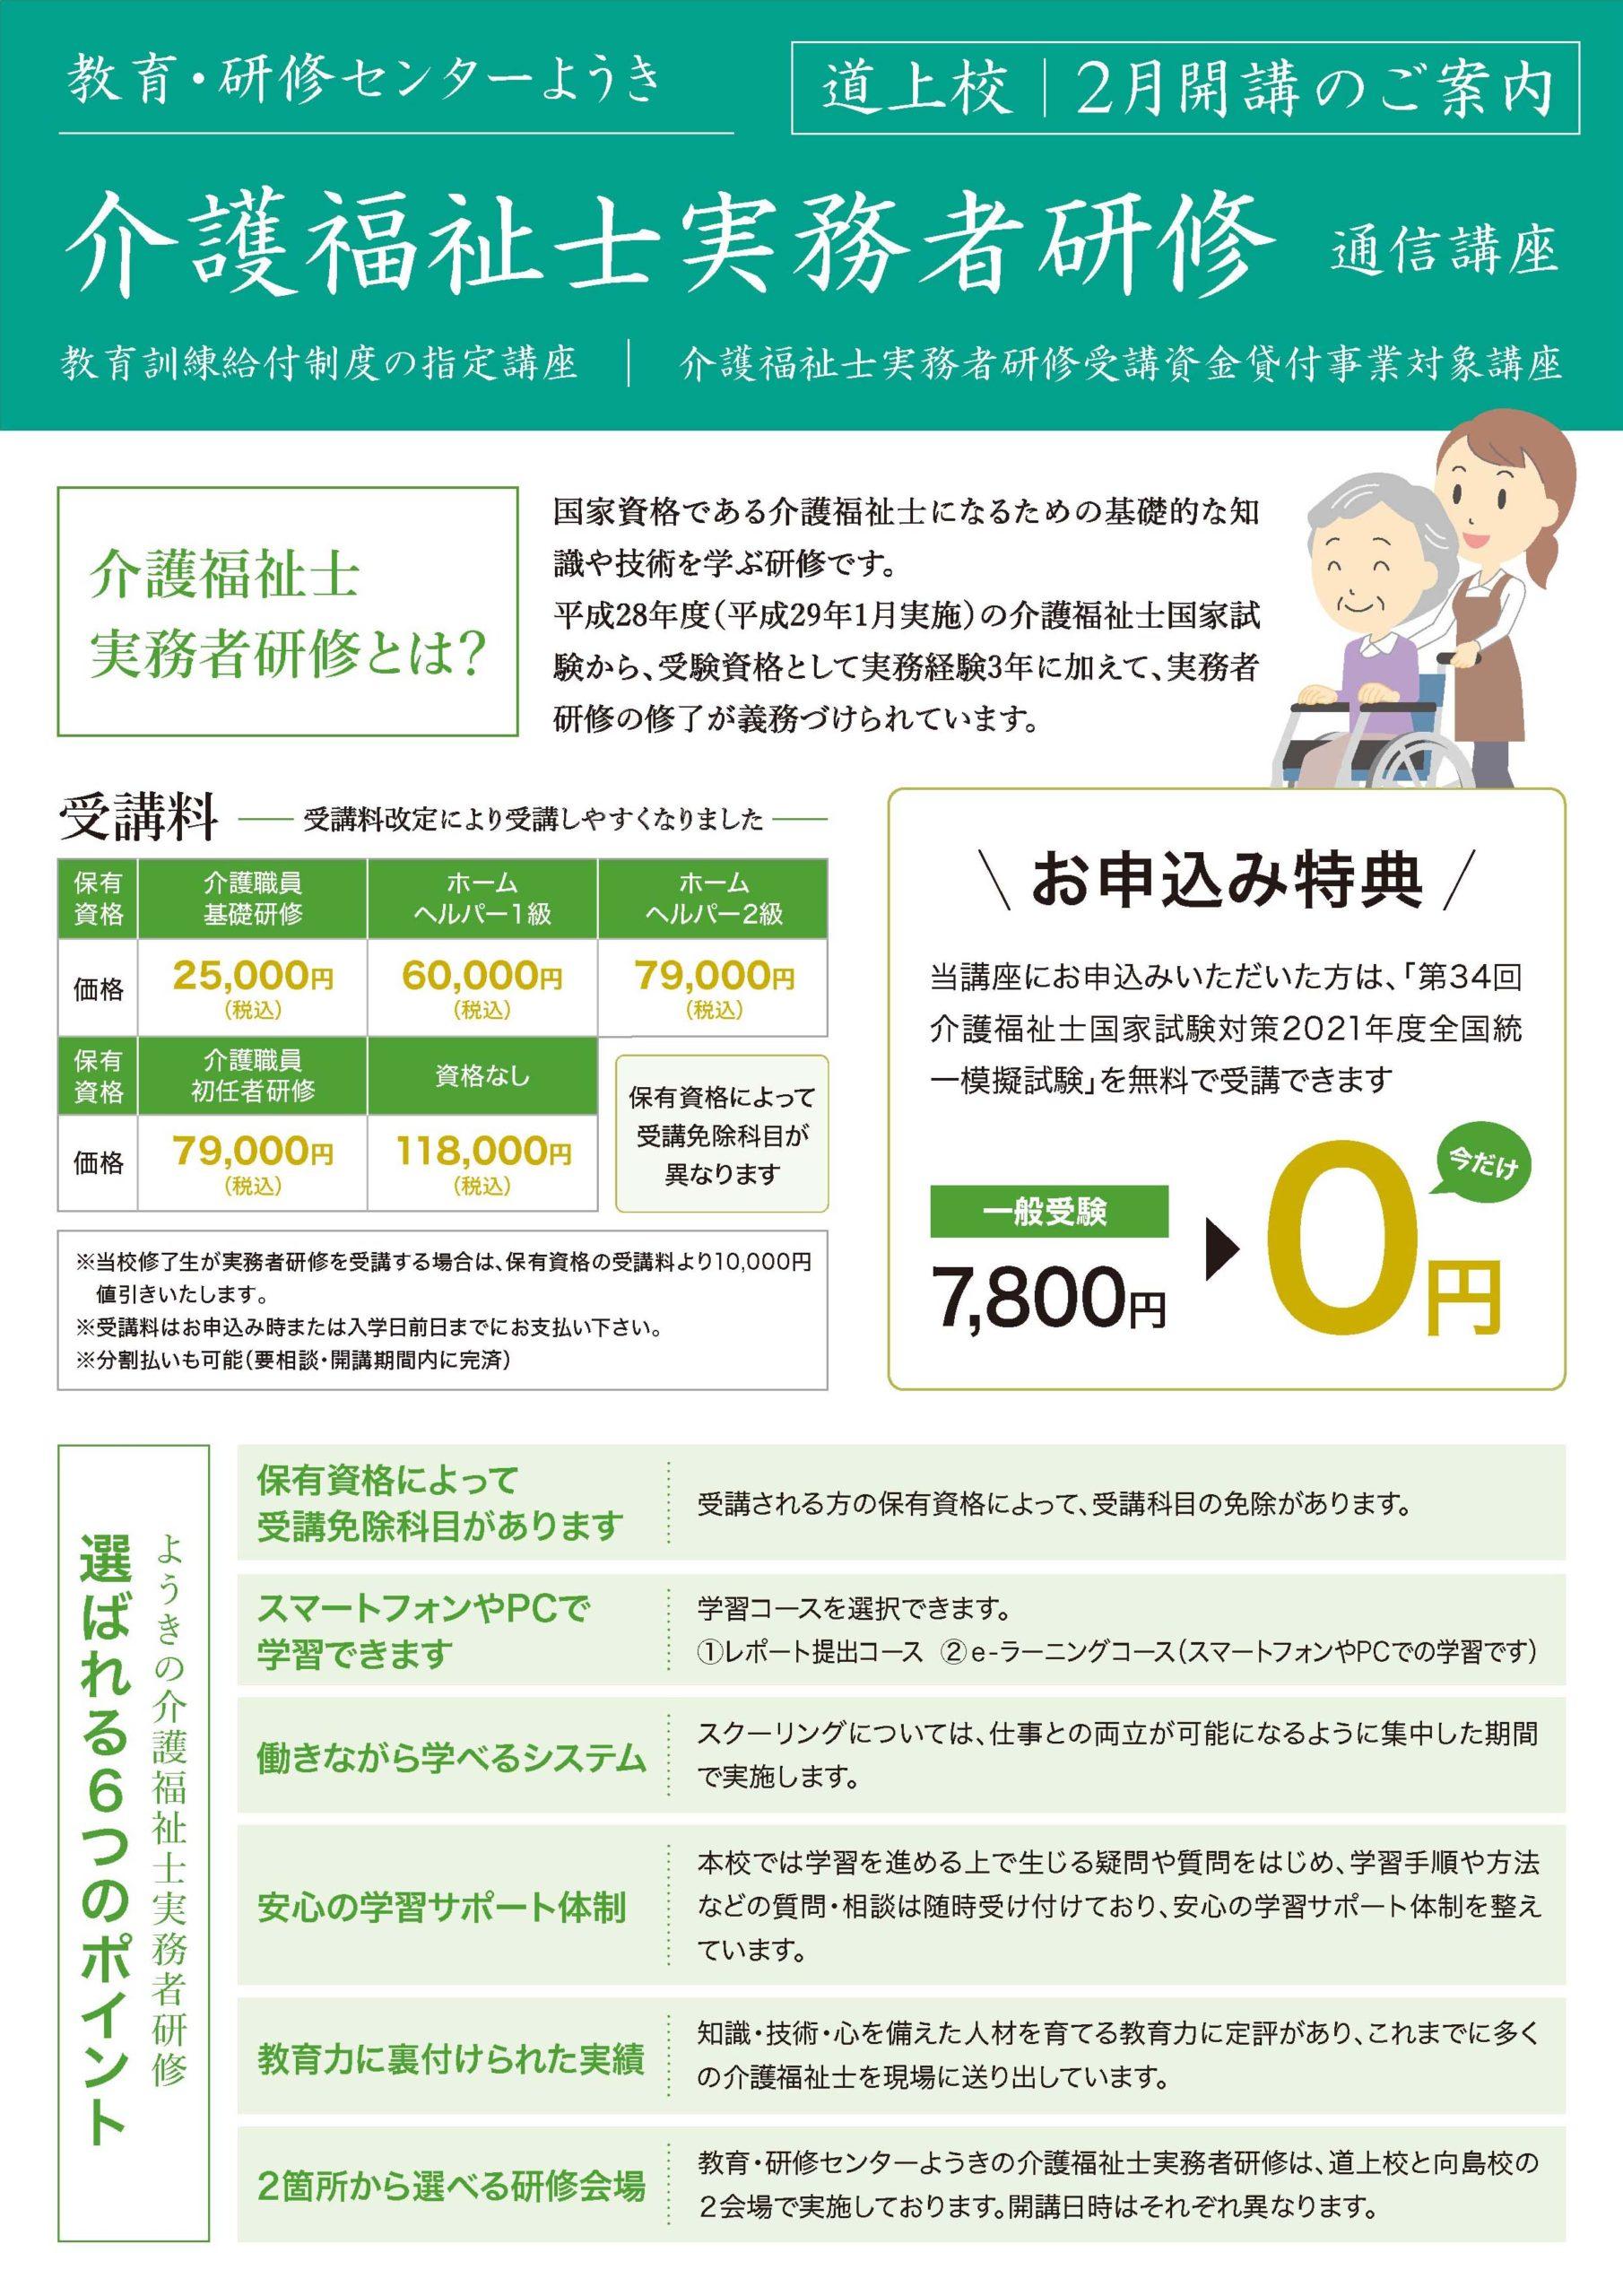 介護福祉士実務者研修 道上校(2021-02)オモテ